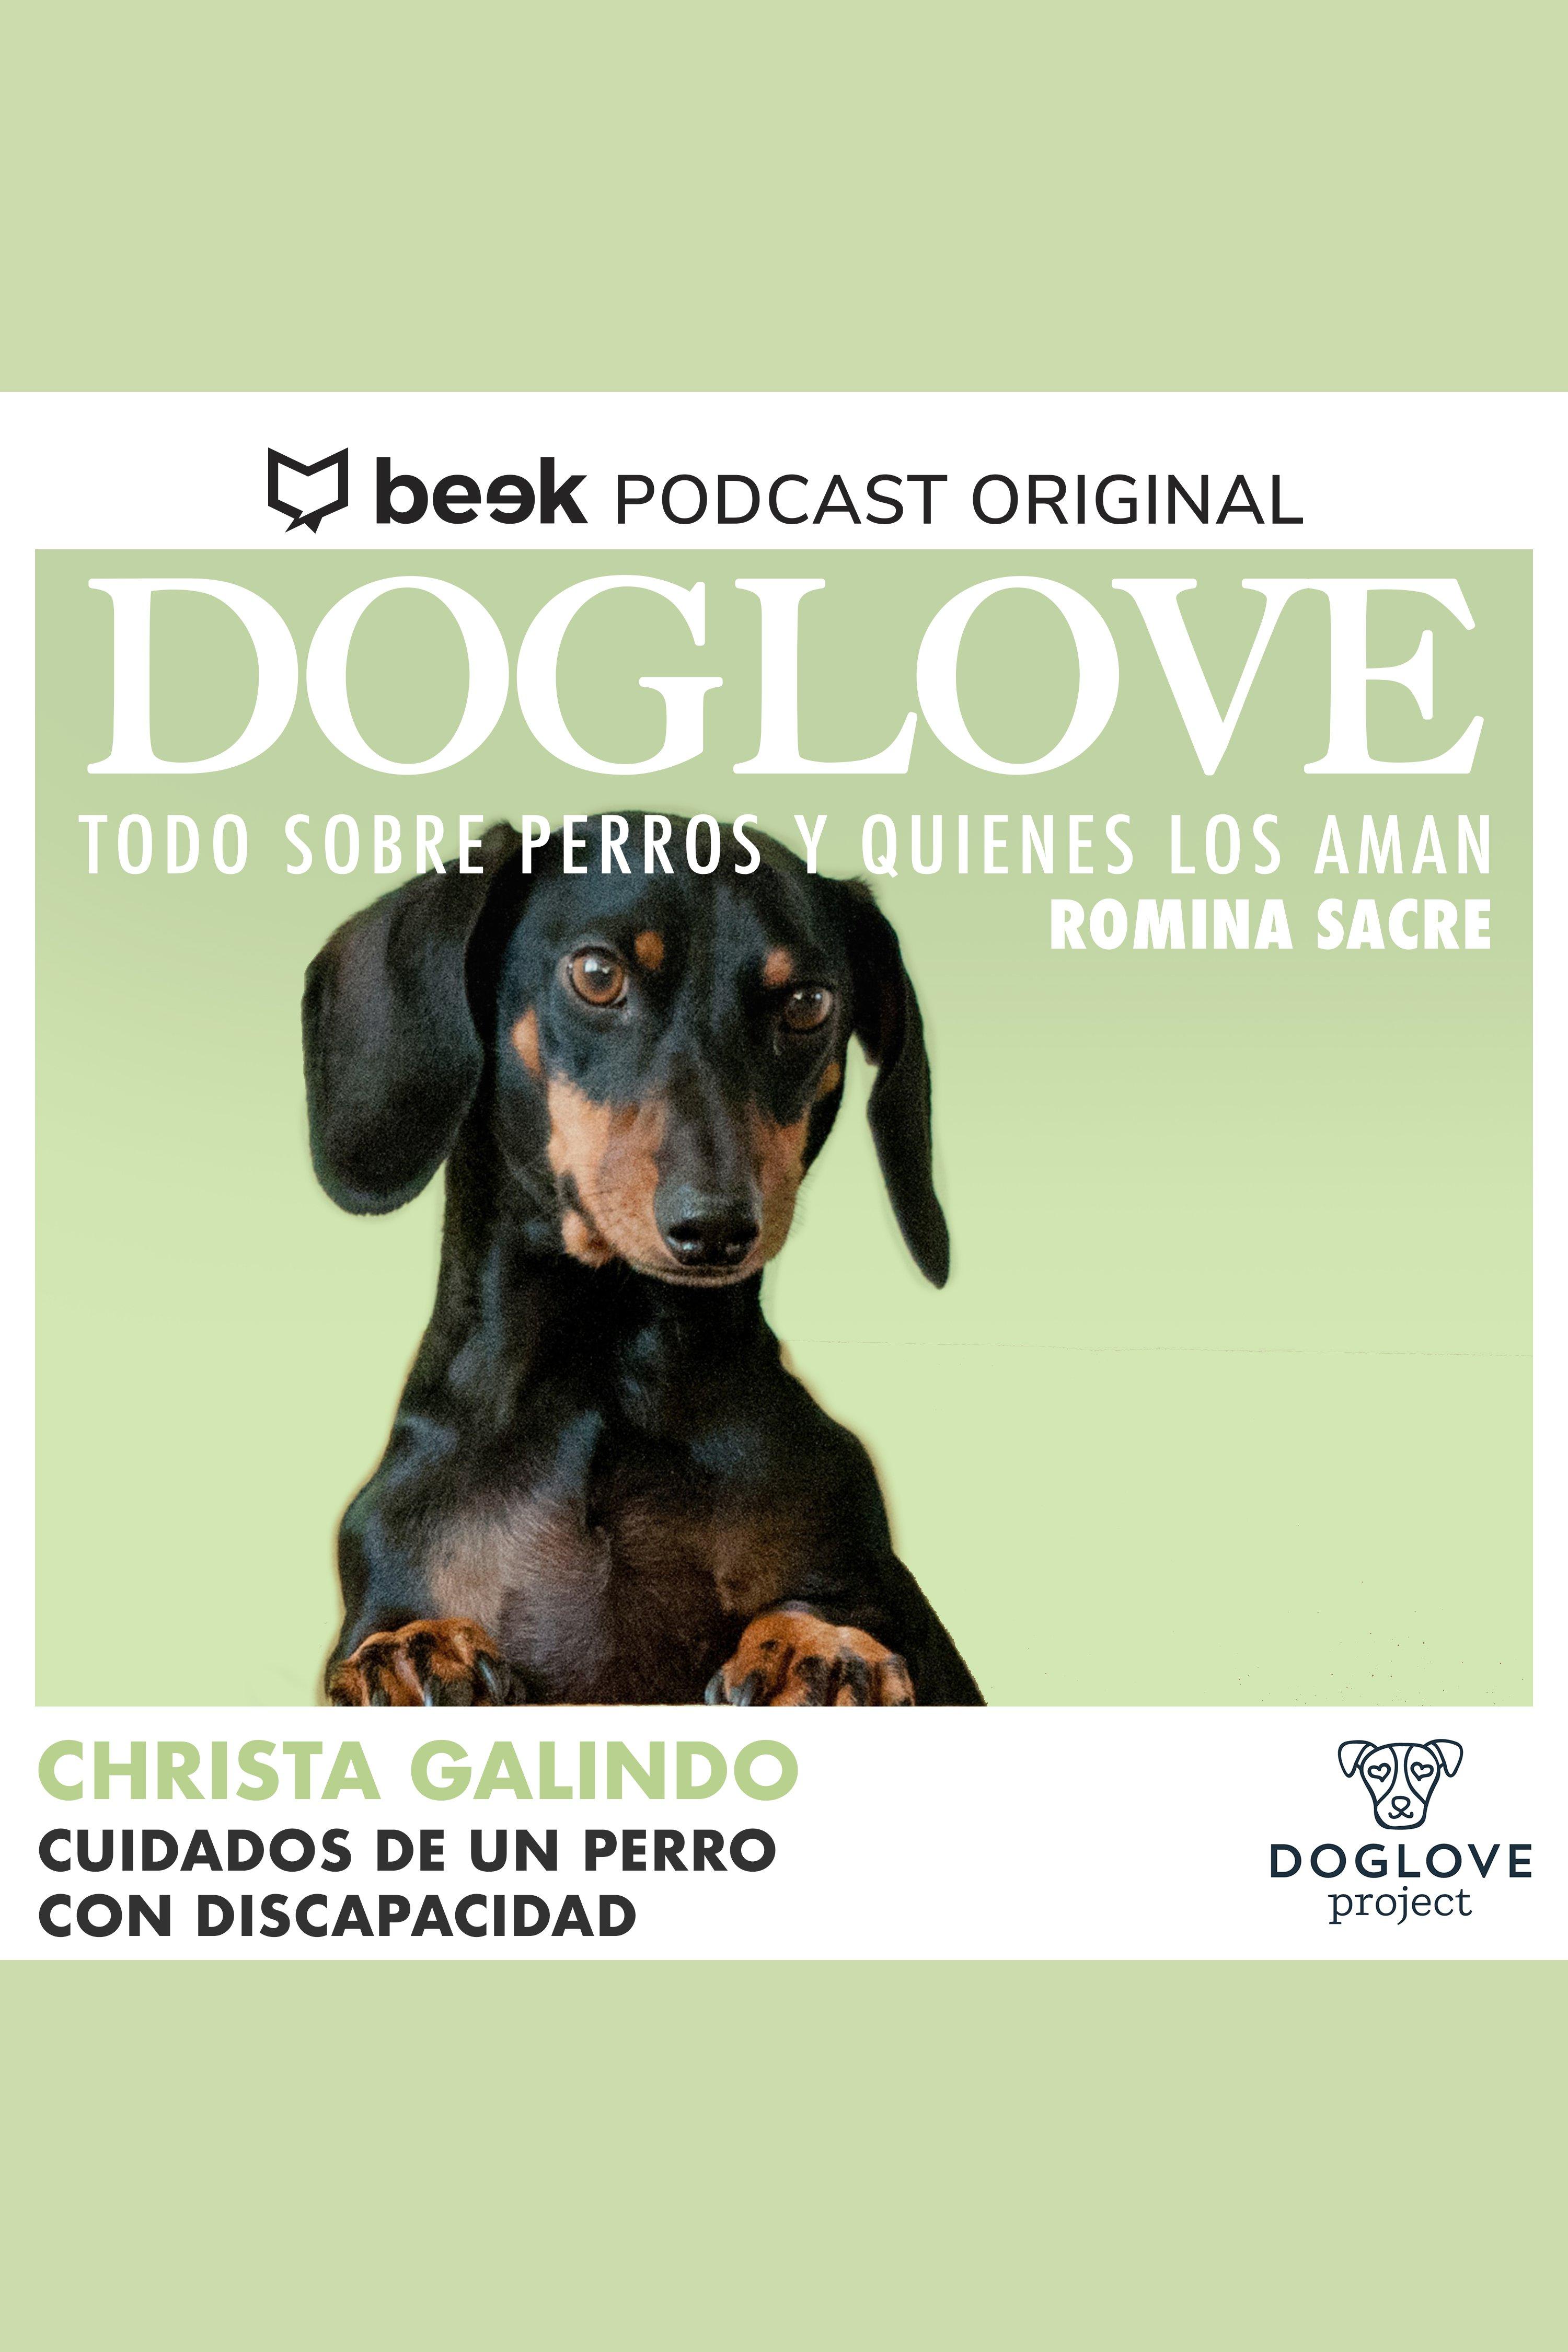 Esta es la portada del audiolibro Cuidados de un perro con discapacidad, con Christa Galindo